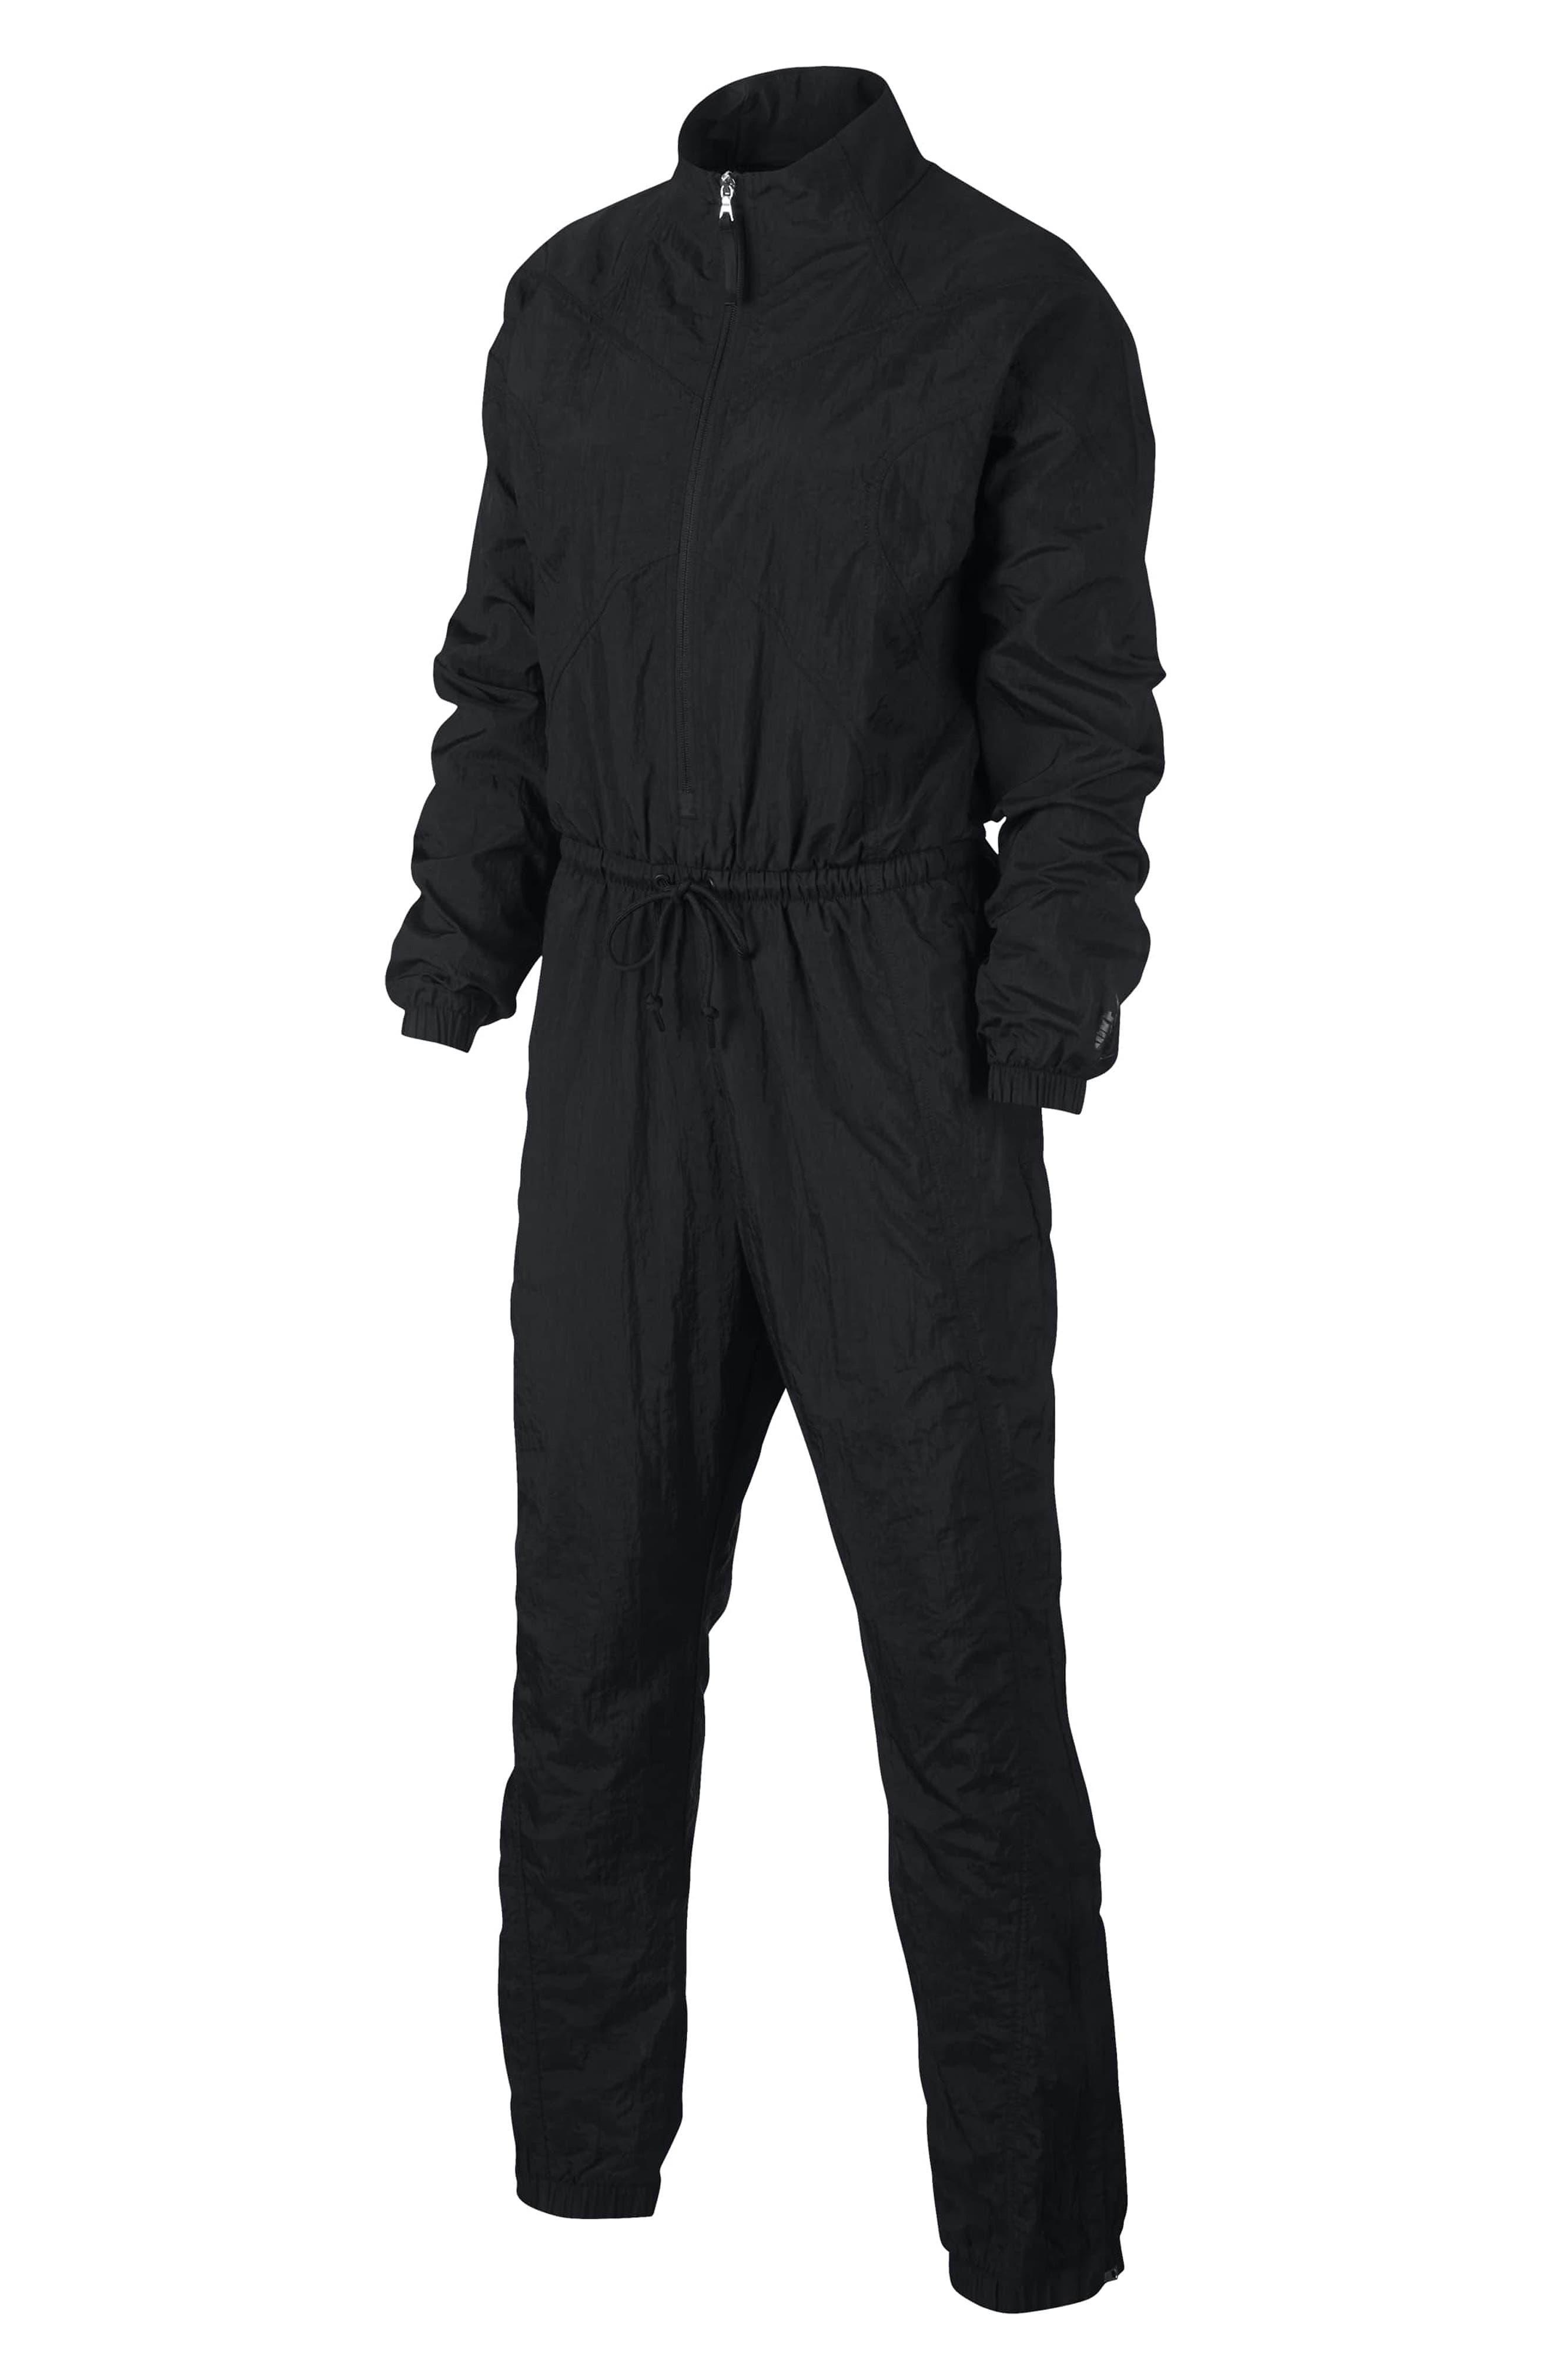 NikeLab Women's Jumpsuit,                         Main,                         color, BLACK/ BLACK